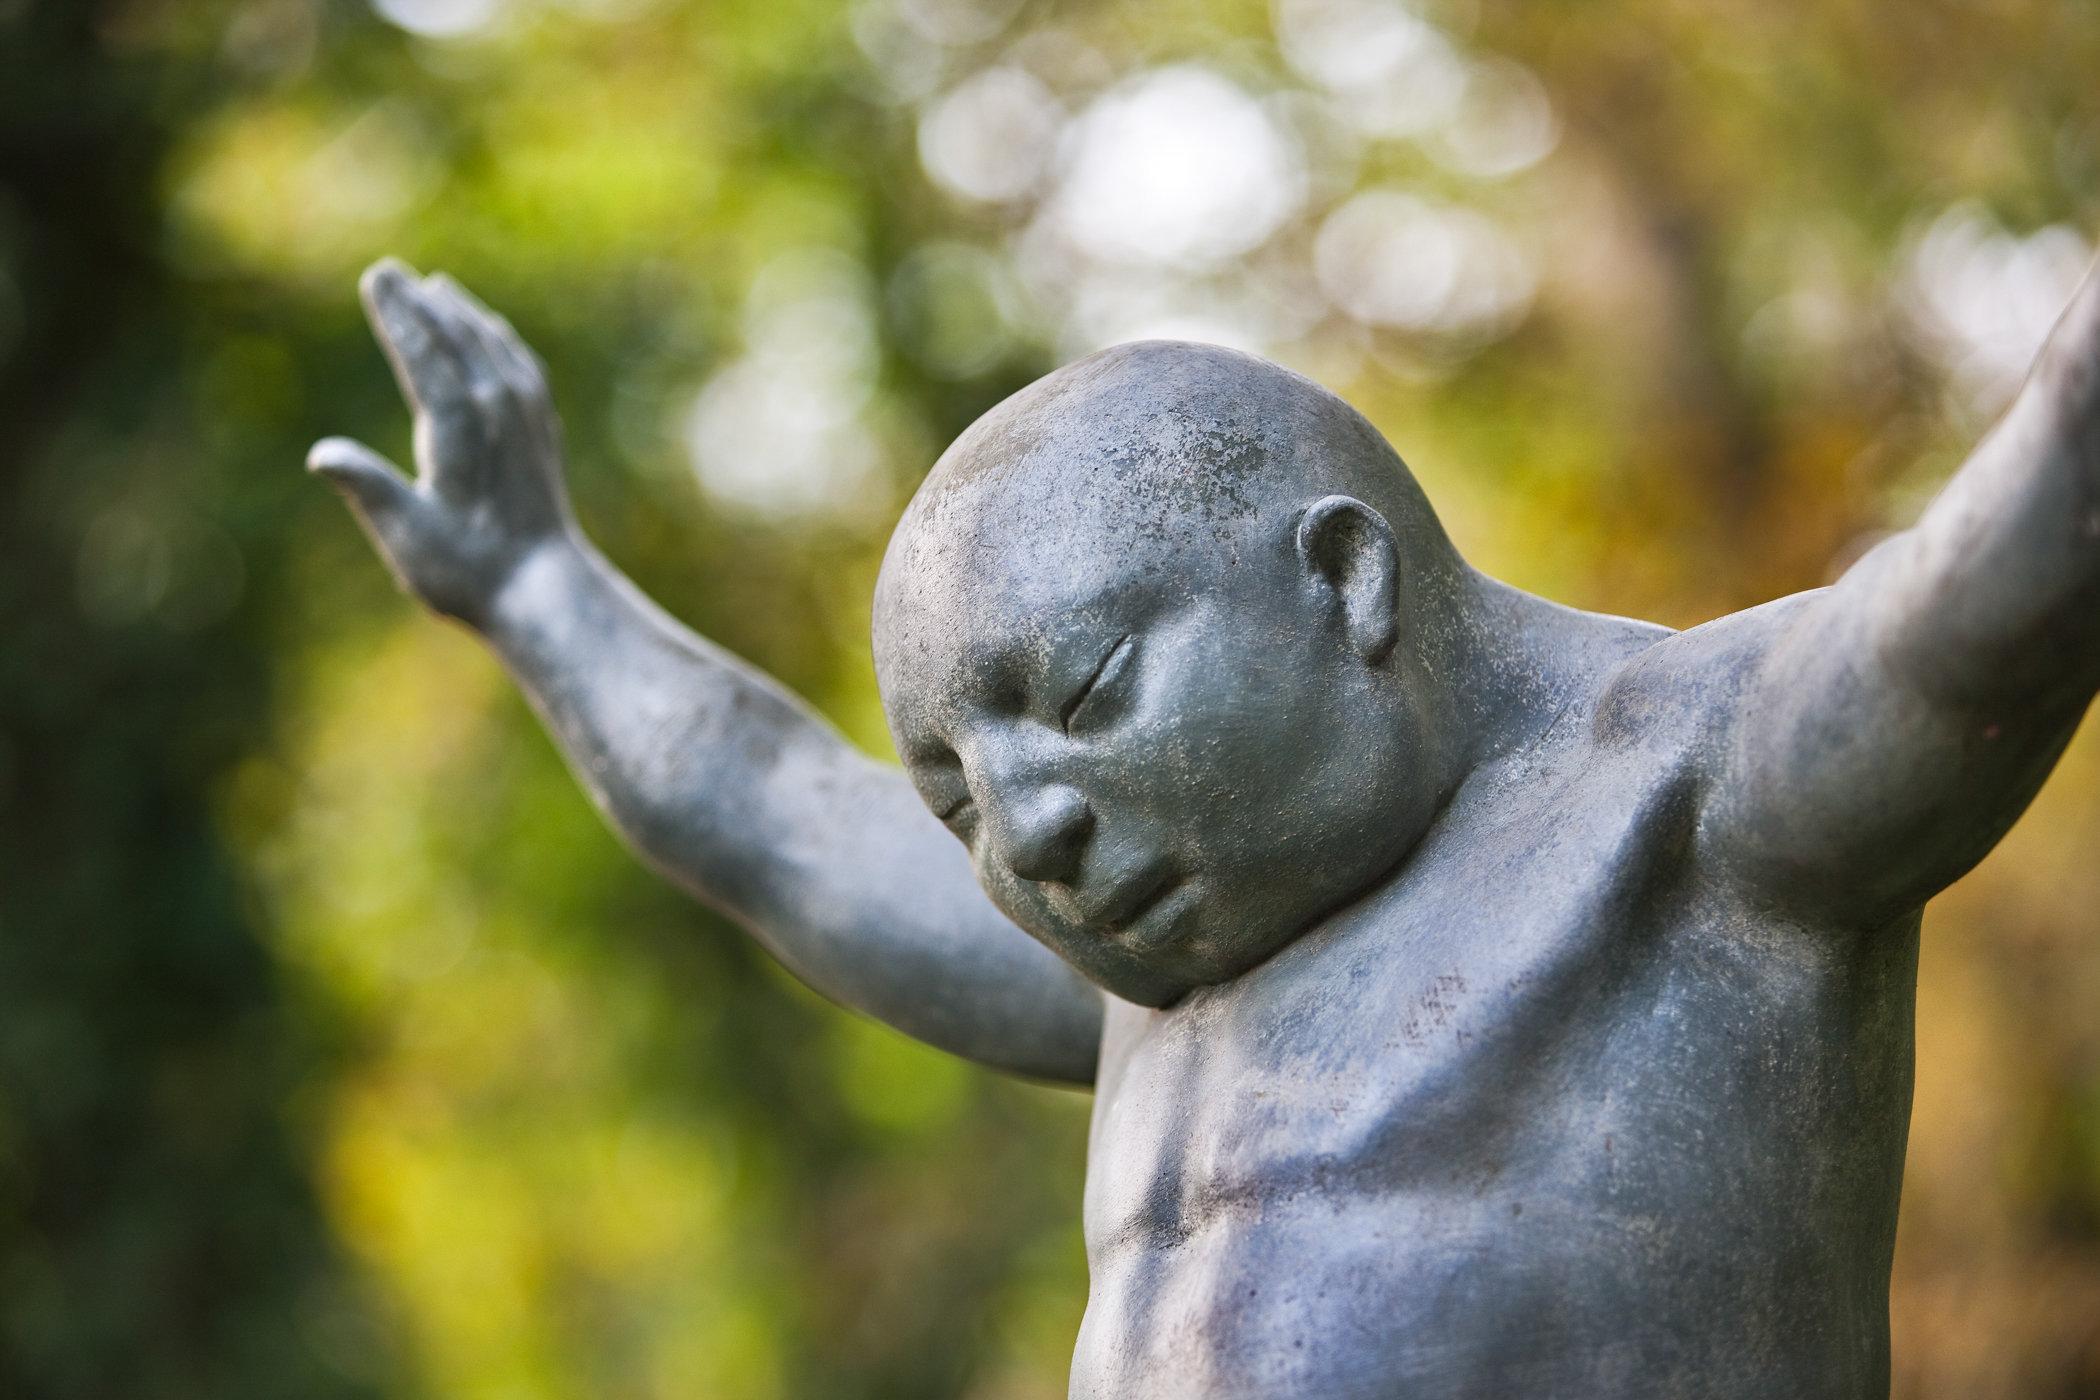 Statues of Nicolas van Ronkenstein, The Netherlands, for publication: Tussen Mythe en Werkelijkheid